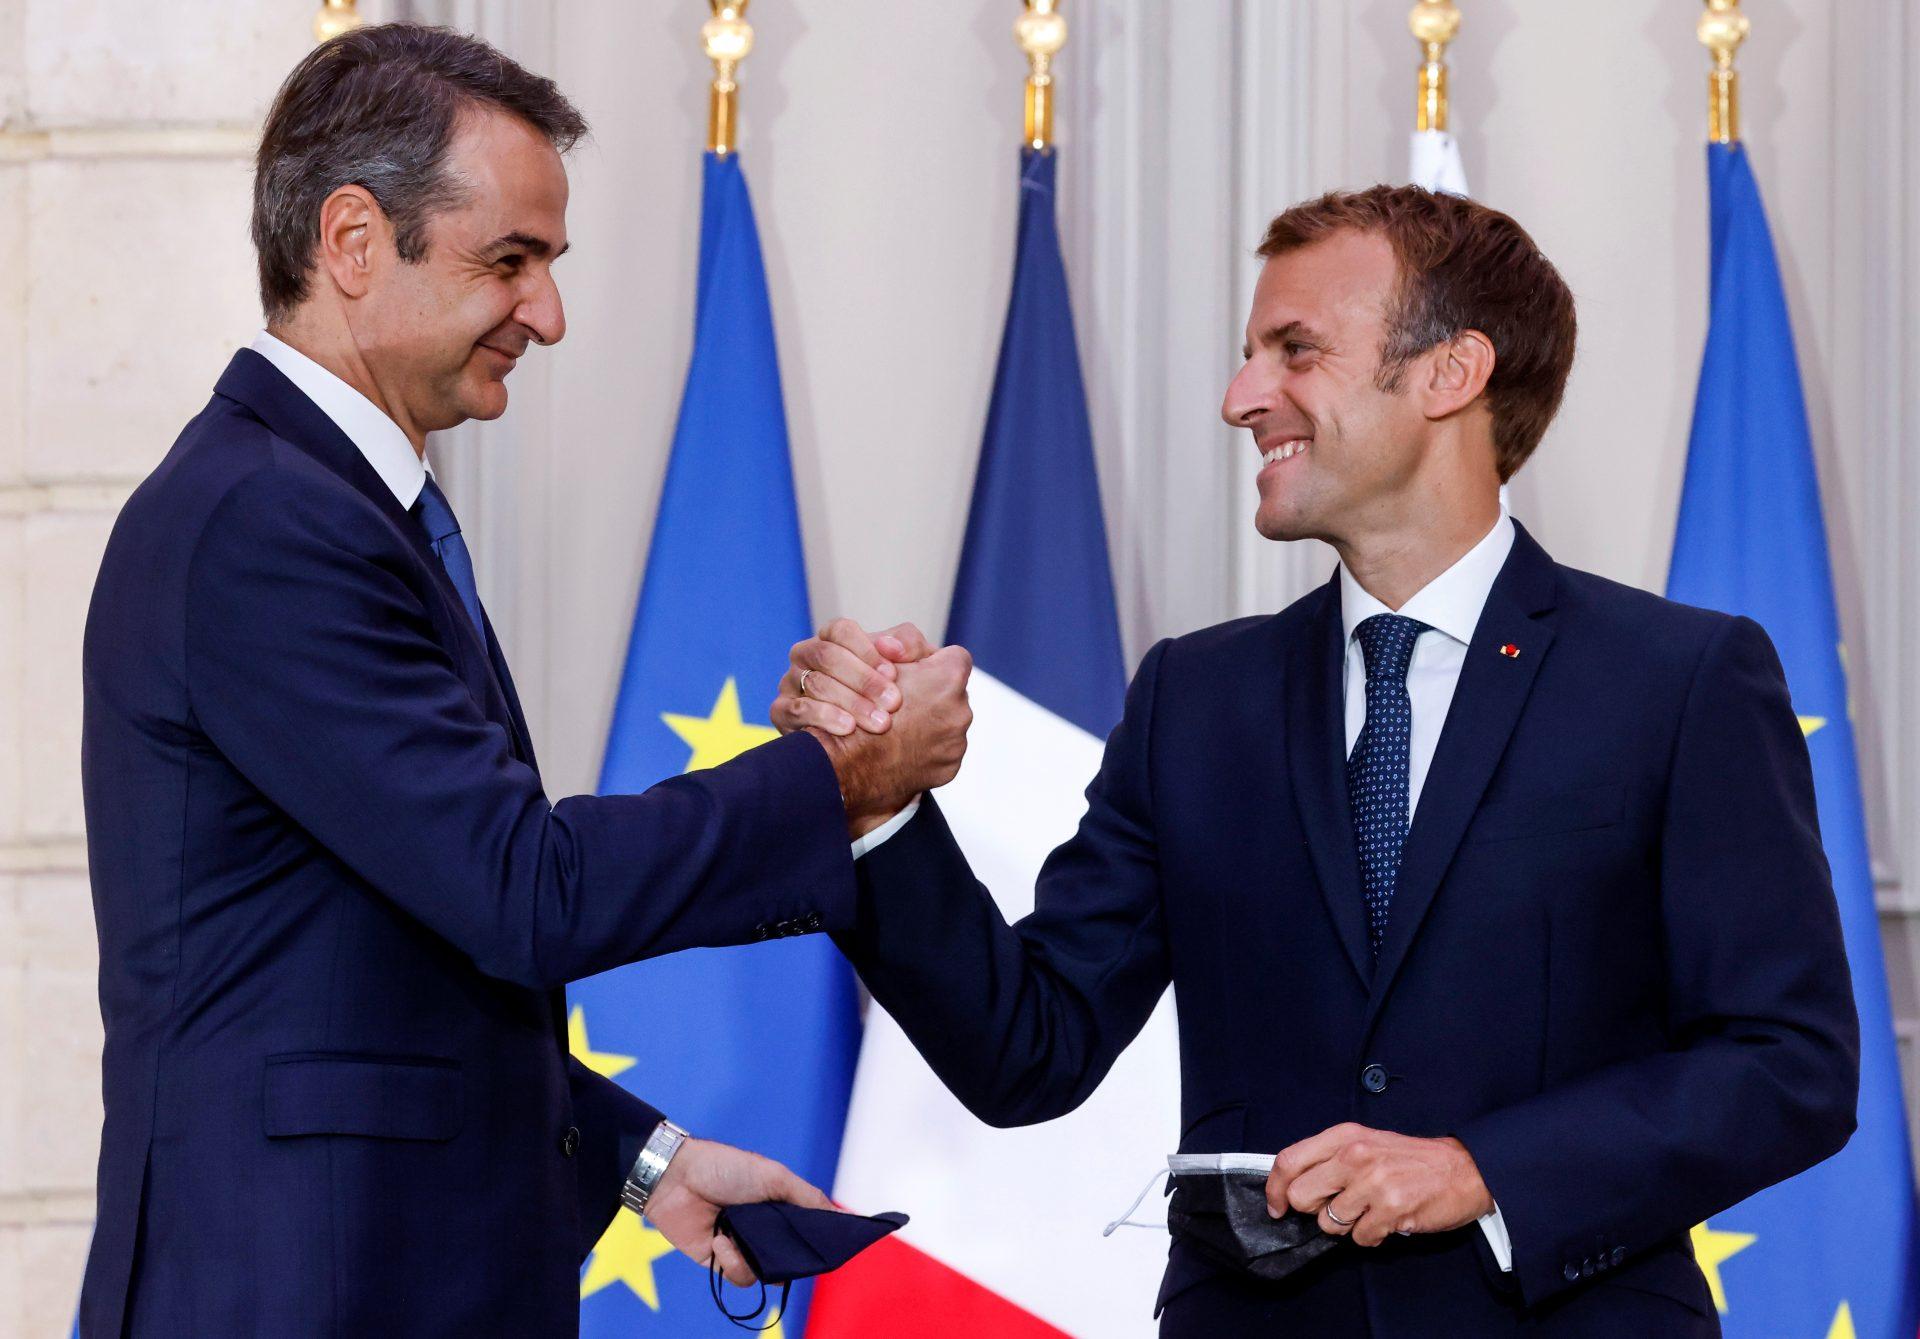 Κατατέθηκε στη Βουλή η αμυντική συμφωνία Ελλάδας-Γαλλίας: Δείτε αναλυτικά τι προβλέπει